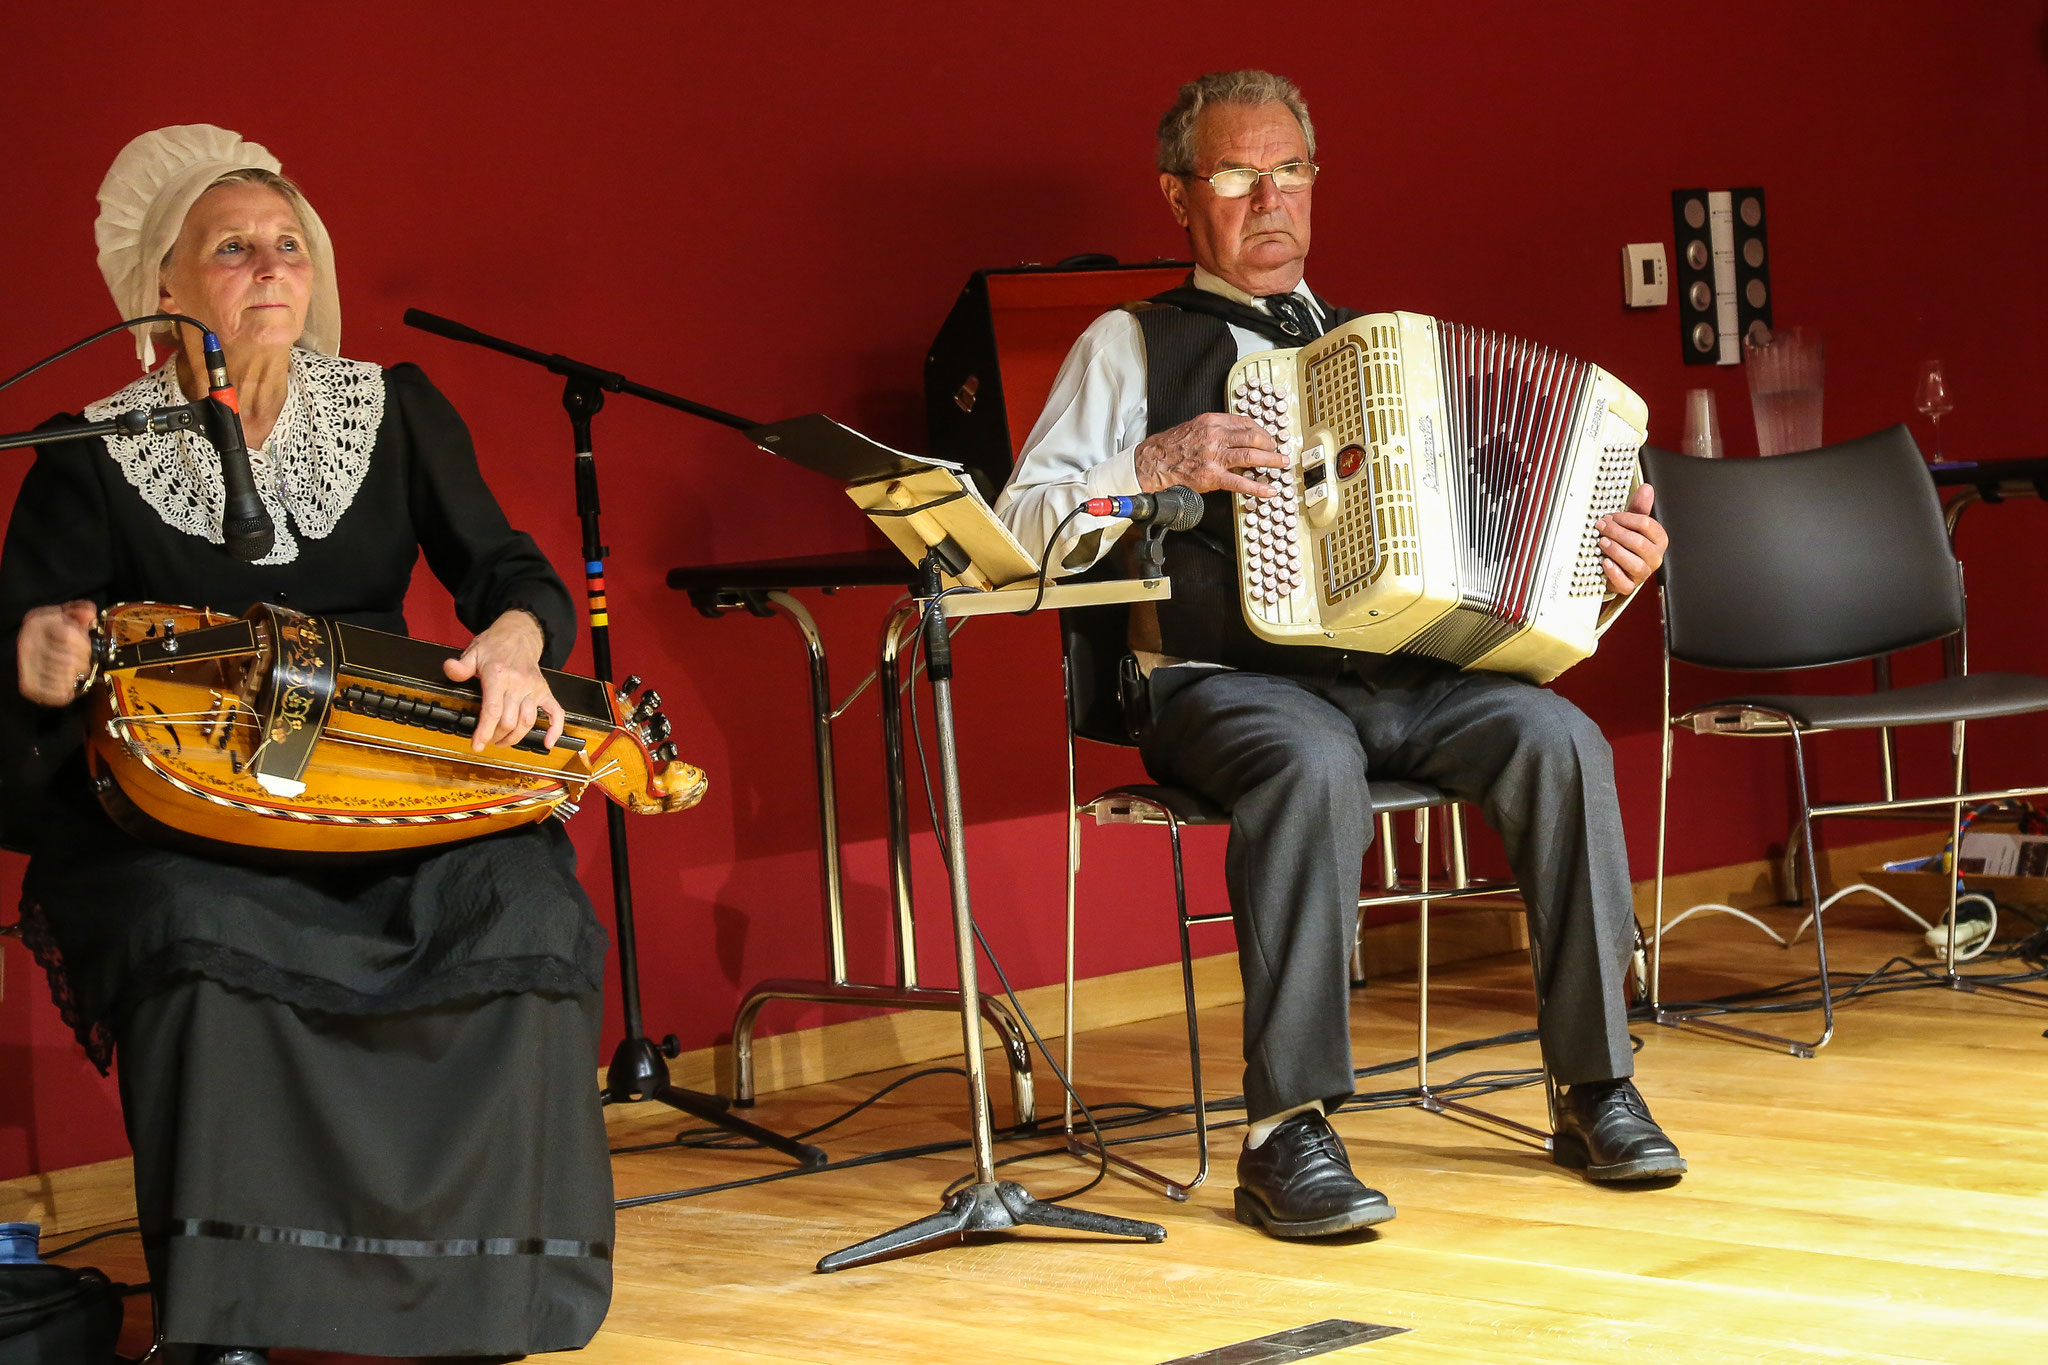 Groupe folklorique les ménestrels sarladais, musiciens et chanteurs de folklore, les instruments traditionnel l'accordéon diatonique et chromatique la vielle, les costumes traditionnel du Périgord noir,